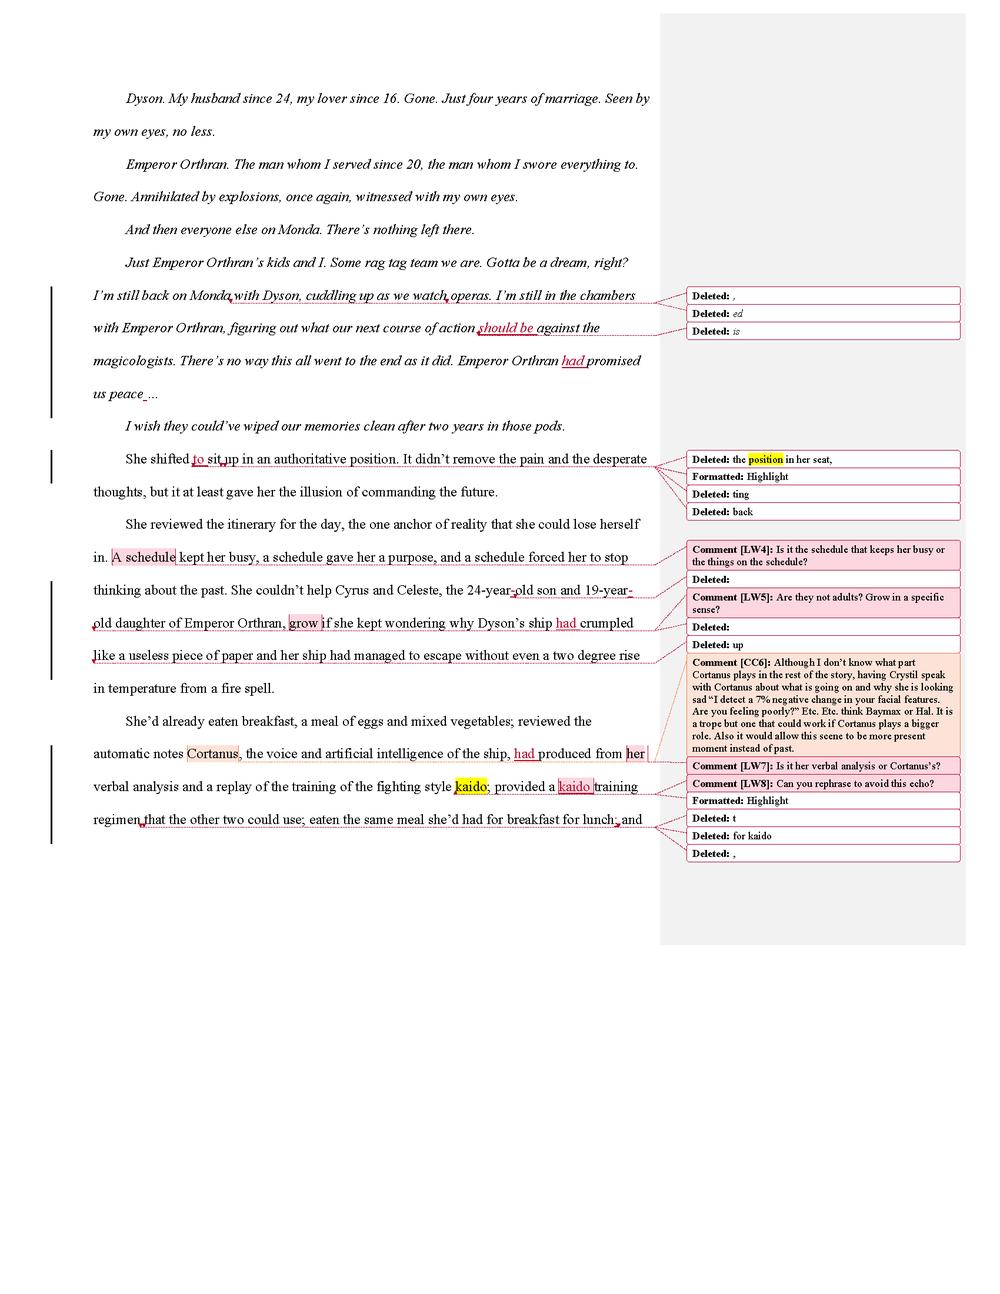 66-Kastori Revelations-FINAL_Page_2.png